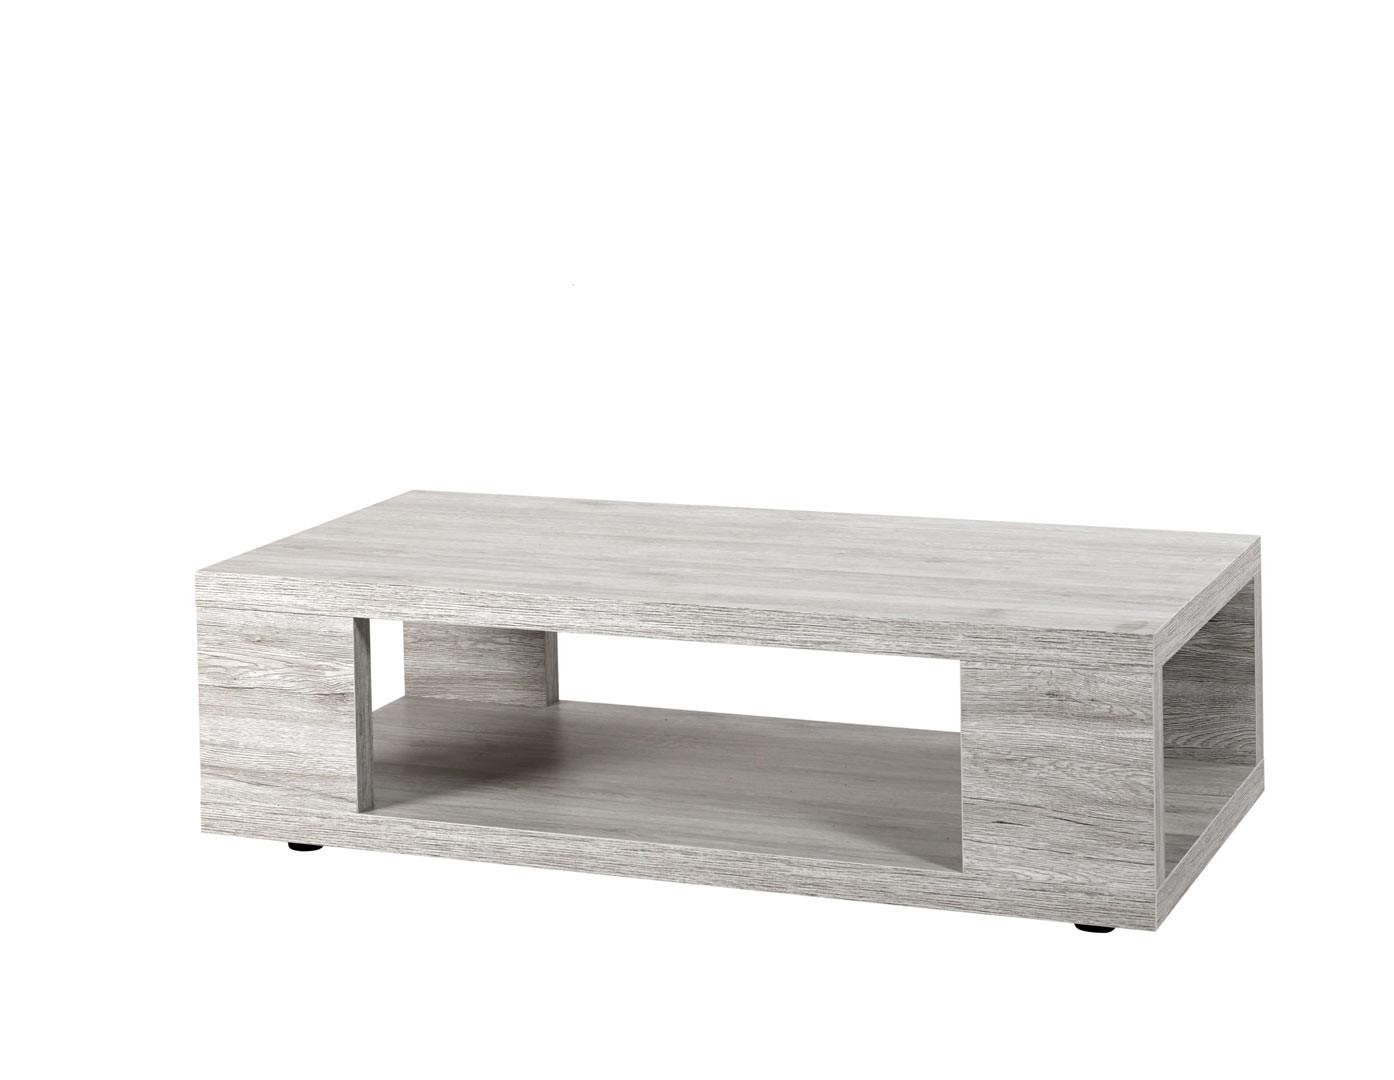 Table basse contemporaine chêne gris Merry